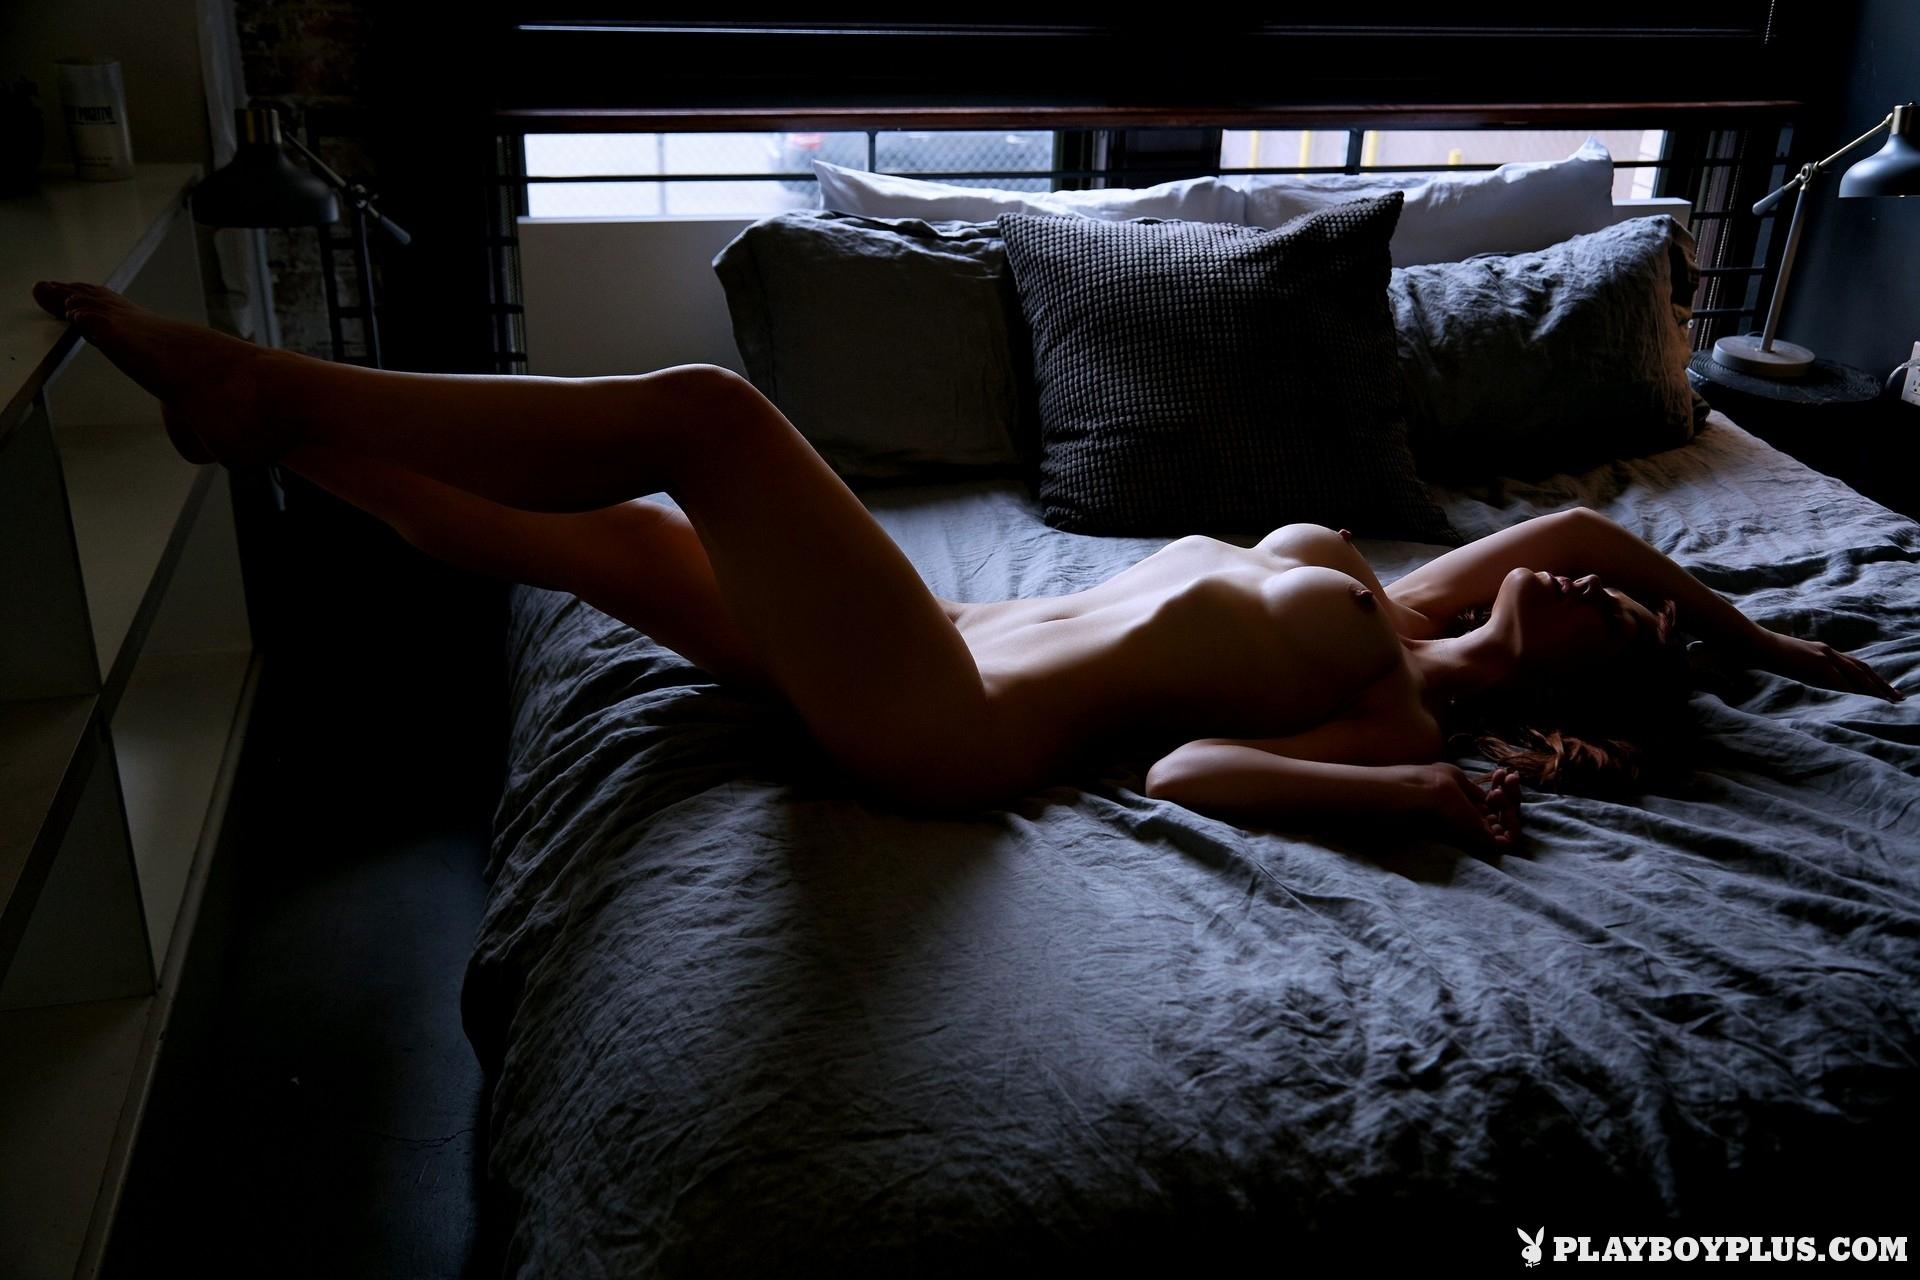 Playboy Plus Molly Stewart In Bedroom Secrets (24)